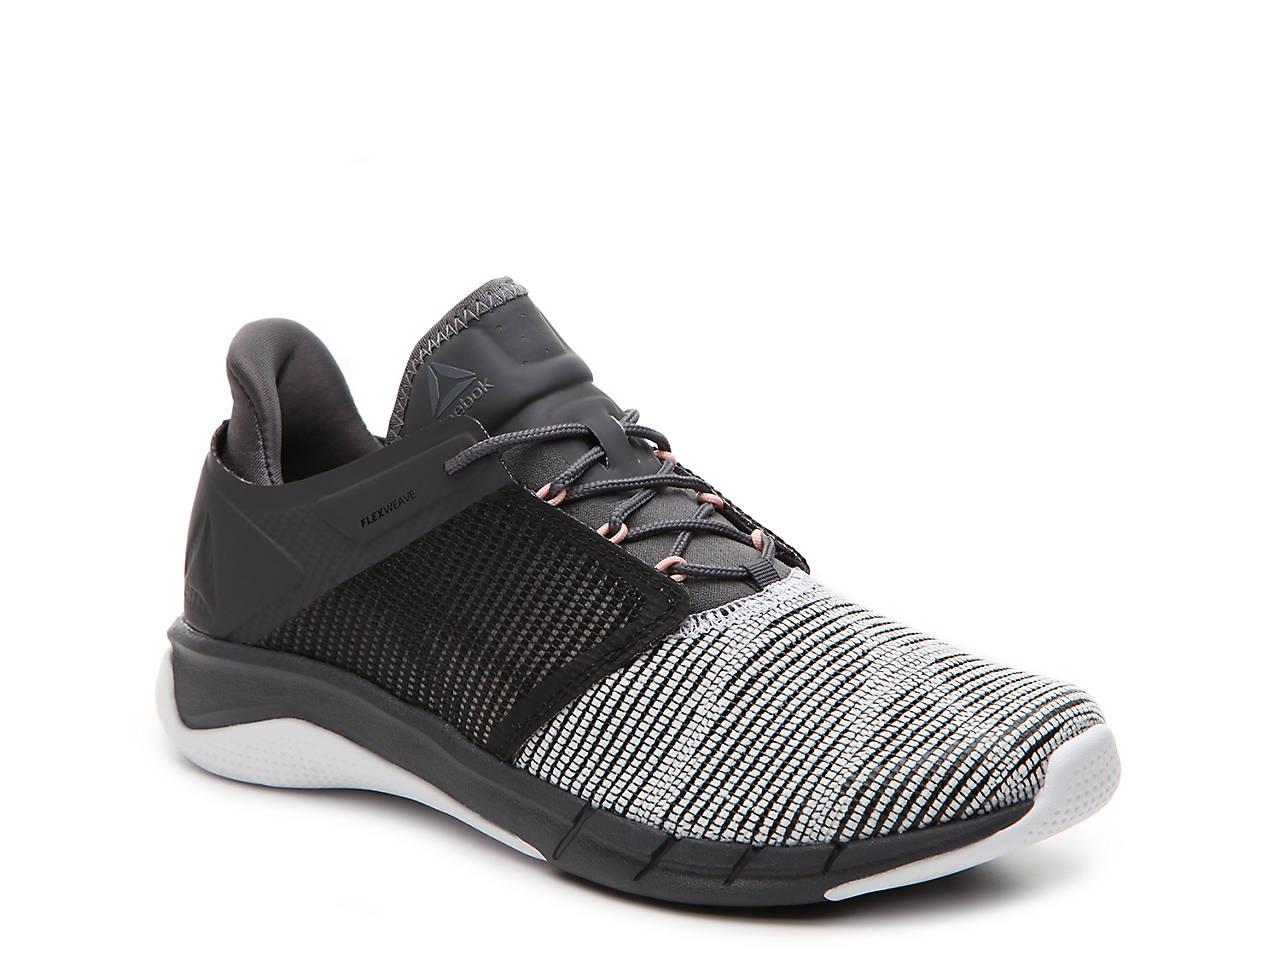 Reebok FlexWeave Run Lightweight Running Shoe - Women s Women s ... 009efd82d